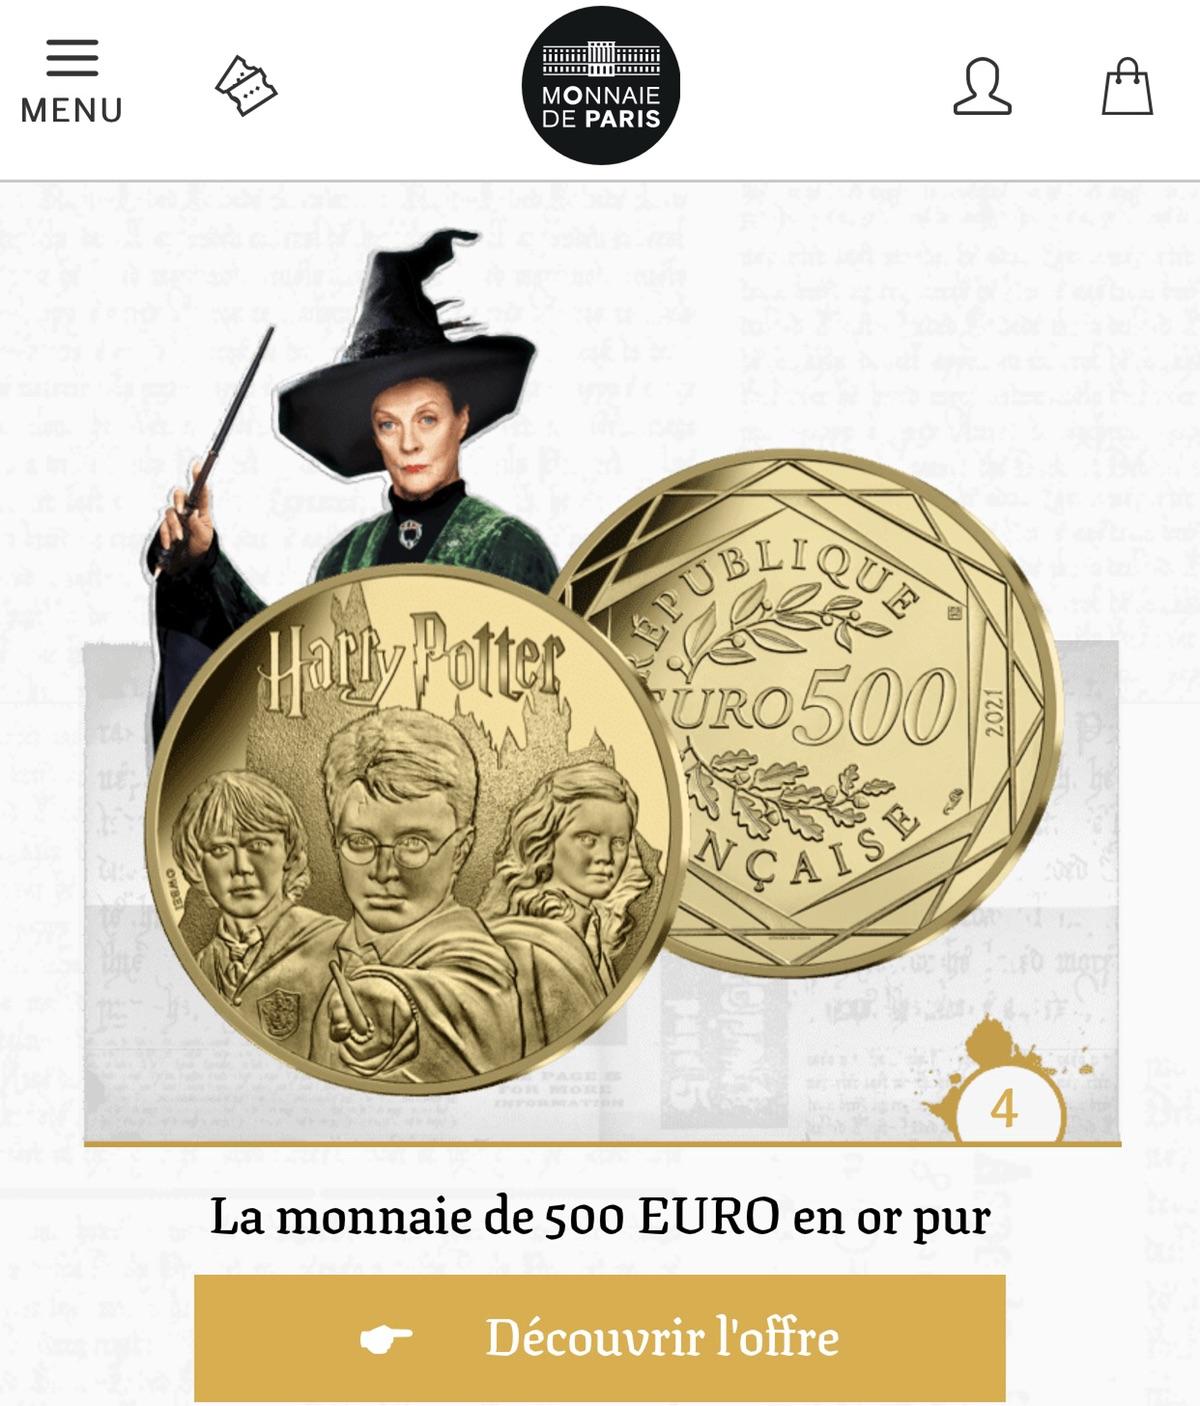 哈利波特纪念币